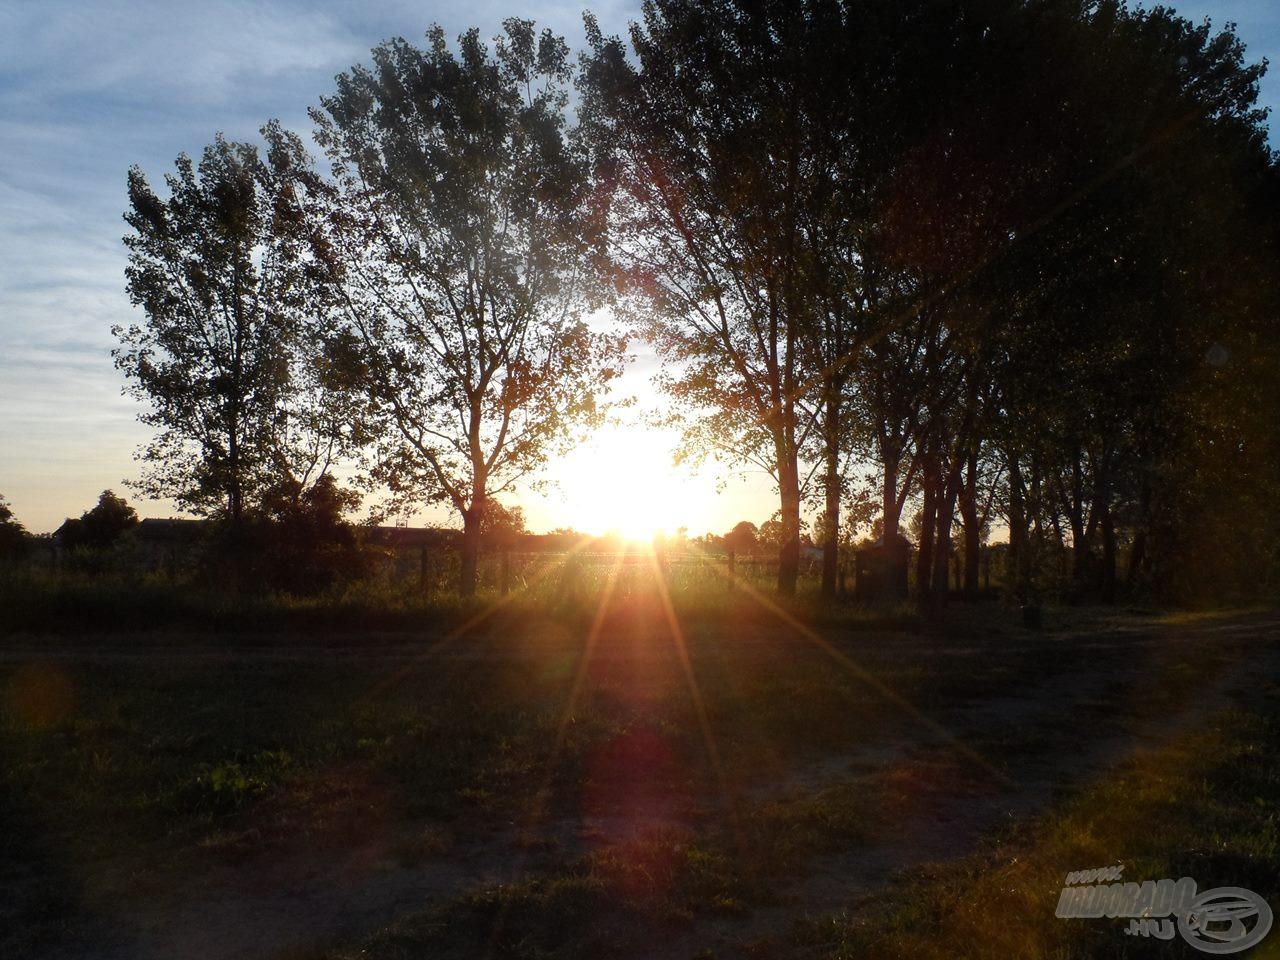 A felkelő nap gyönyörű látványt nyújt